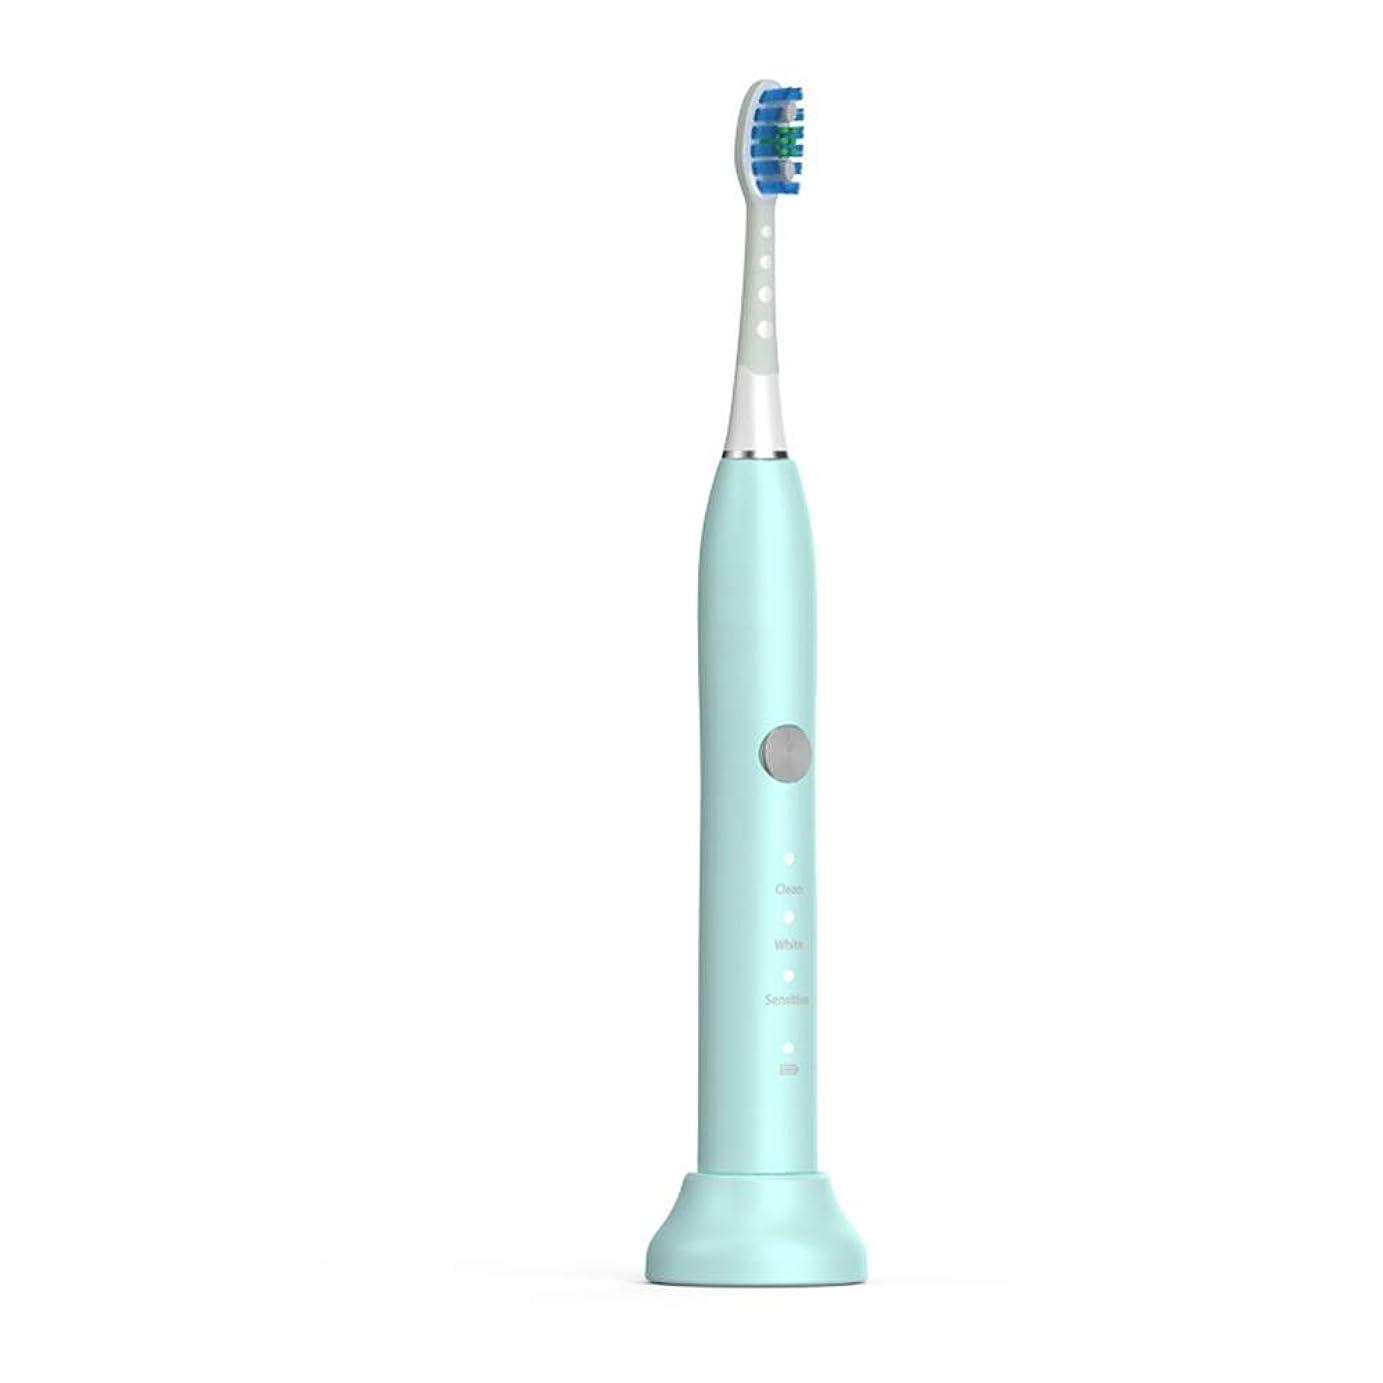 宇宙飛行士評議会実験的USB充電ベースホルダー付き電動歯ブラシ柔らかい髪の保護用清潔な歯ブラシ歯科医推奨 完全な口腔ケアのために (色 : 緑, サイズ : Free size)